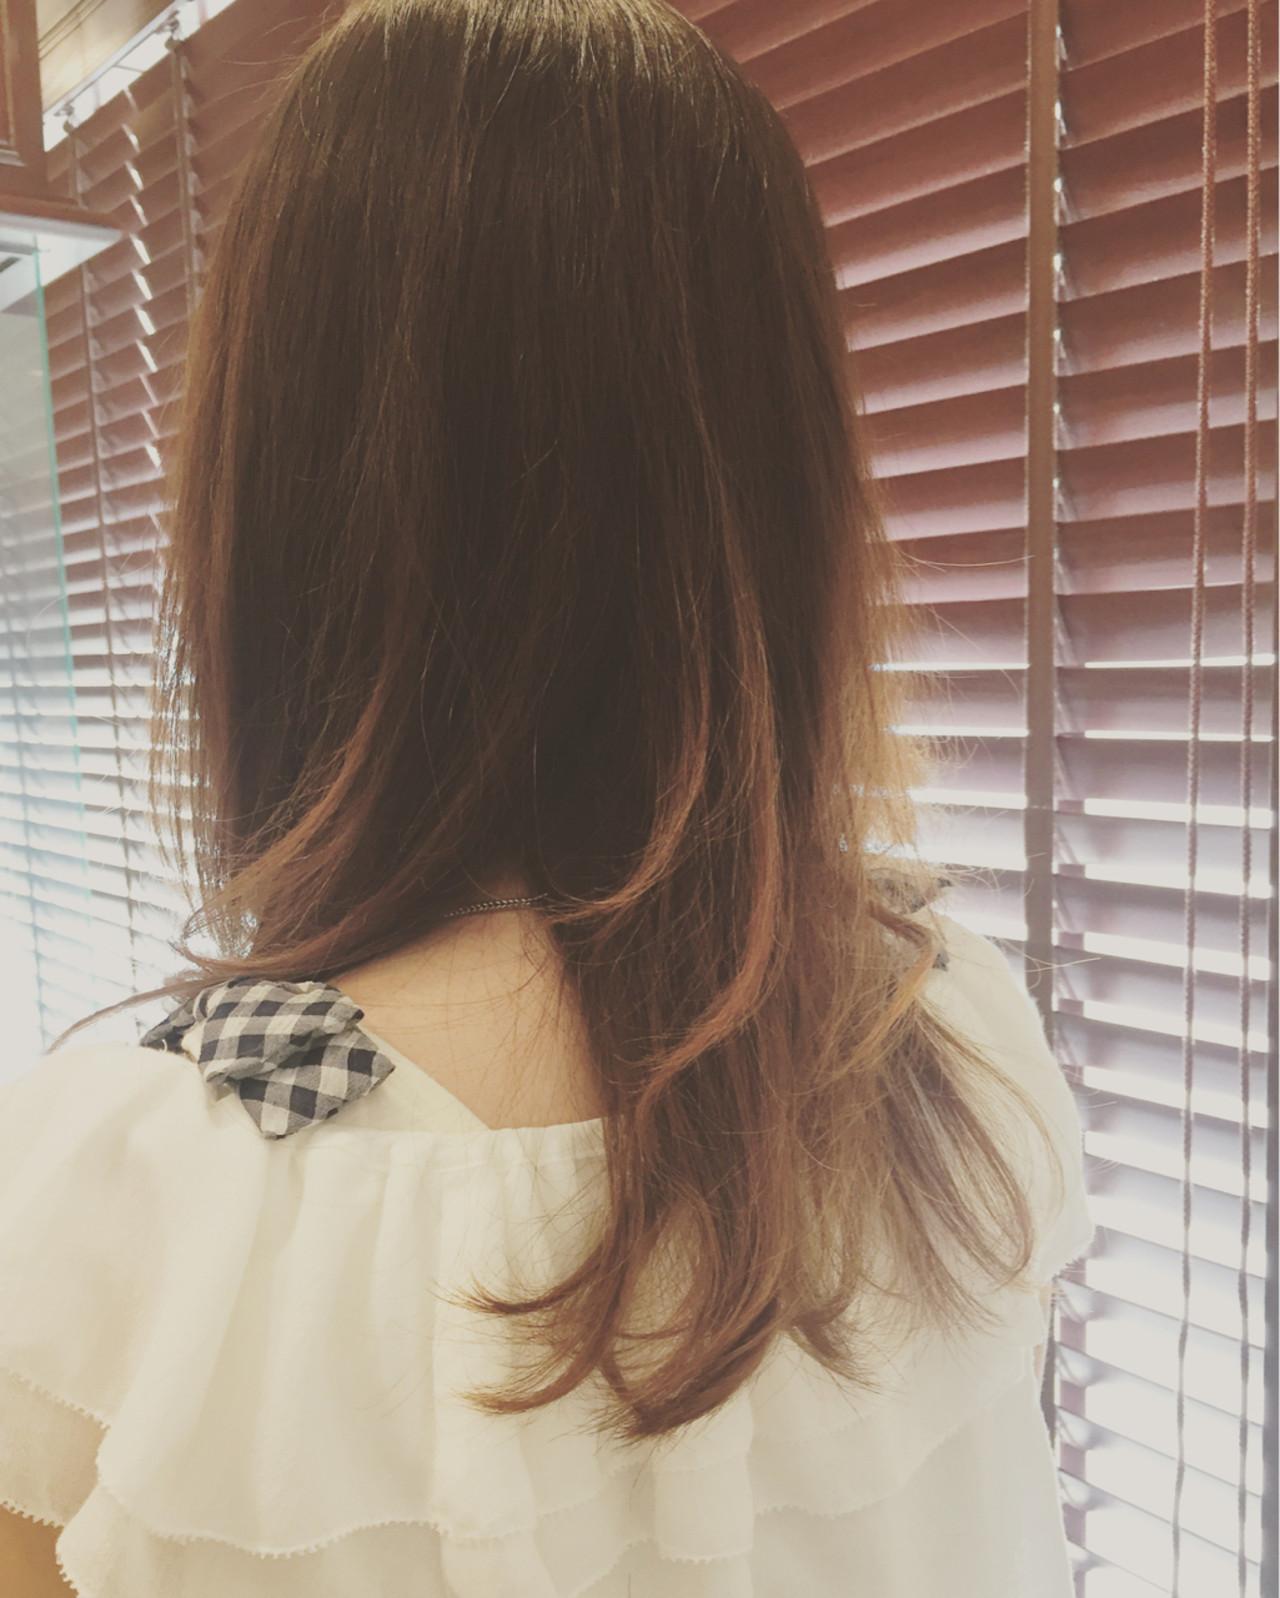 アッシュ ナチュラル ゆるふわ セミロング ヘアスタイルや髪型の写真・画像 | 中島由紀子 / Cut Studio LOOSE